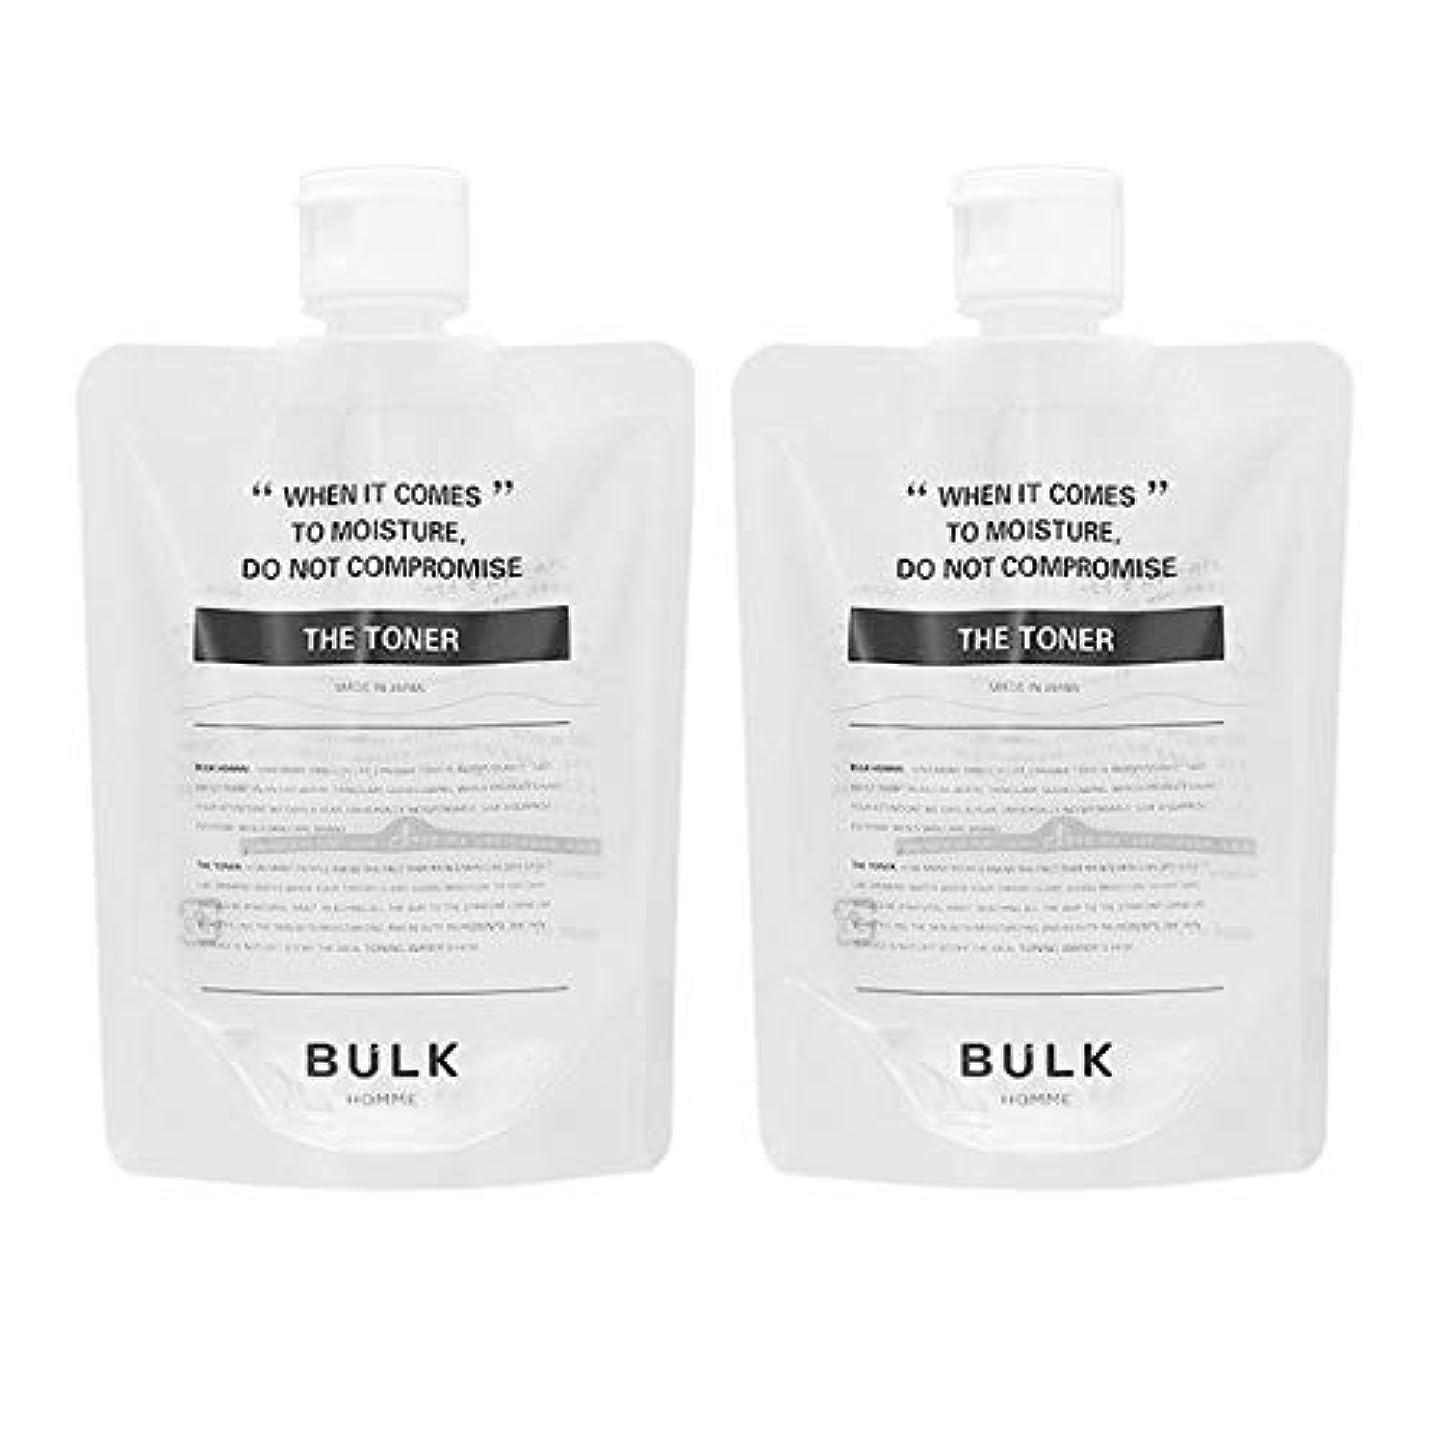 瞬時にがんばり続ける退屈させる【セット】バルクオム BULK HOMME ザ トナー 化粧水 200mL 2個セット [並行輸入品]